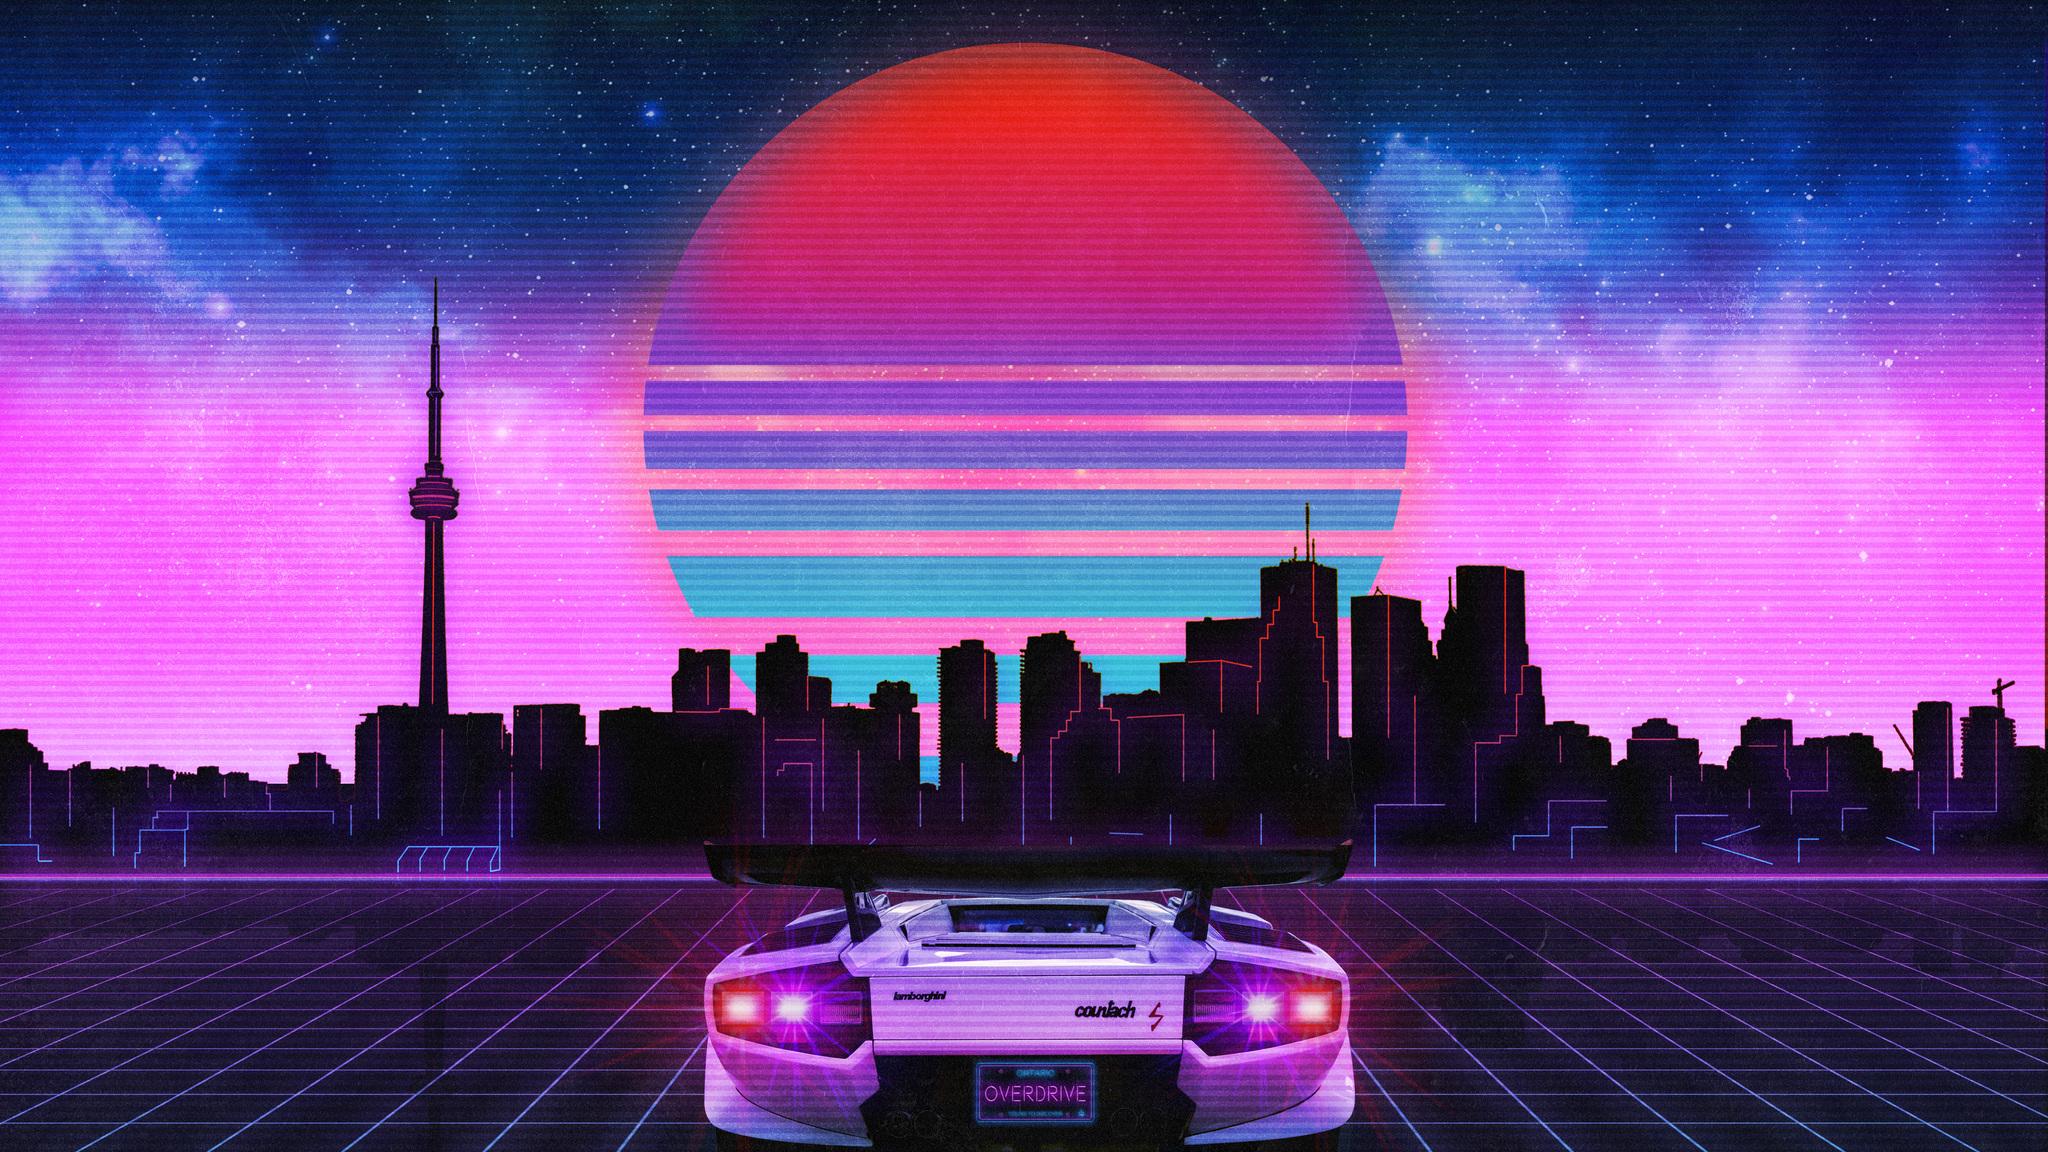 2048x1152 Retro Wave Lamborghini Neon City 5k 2048x1152 ...